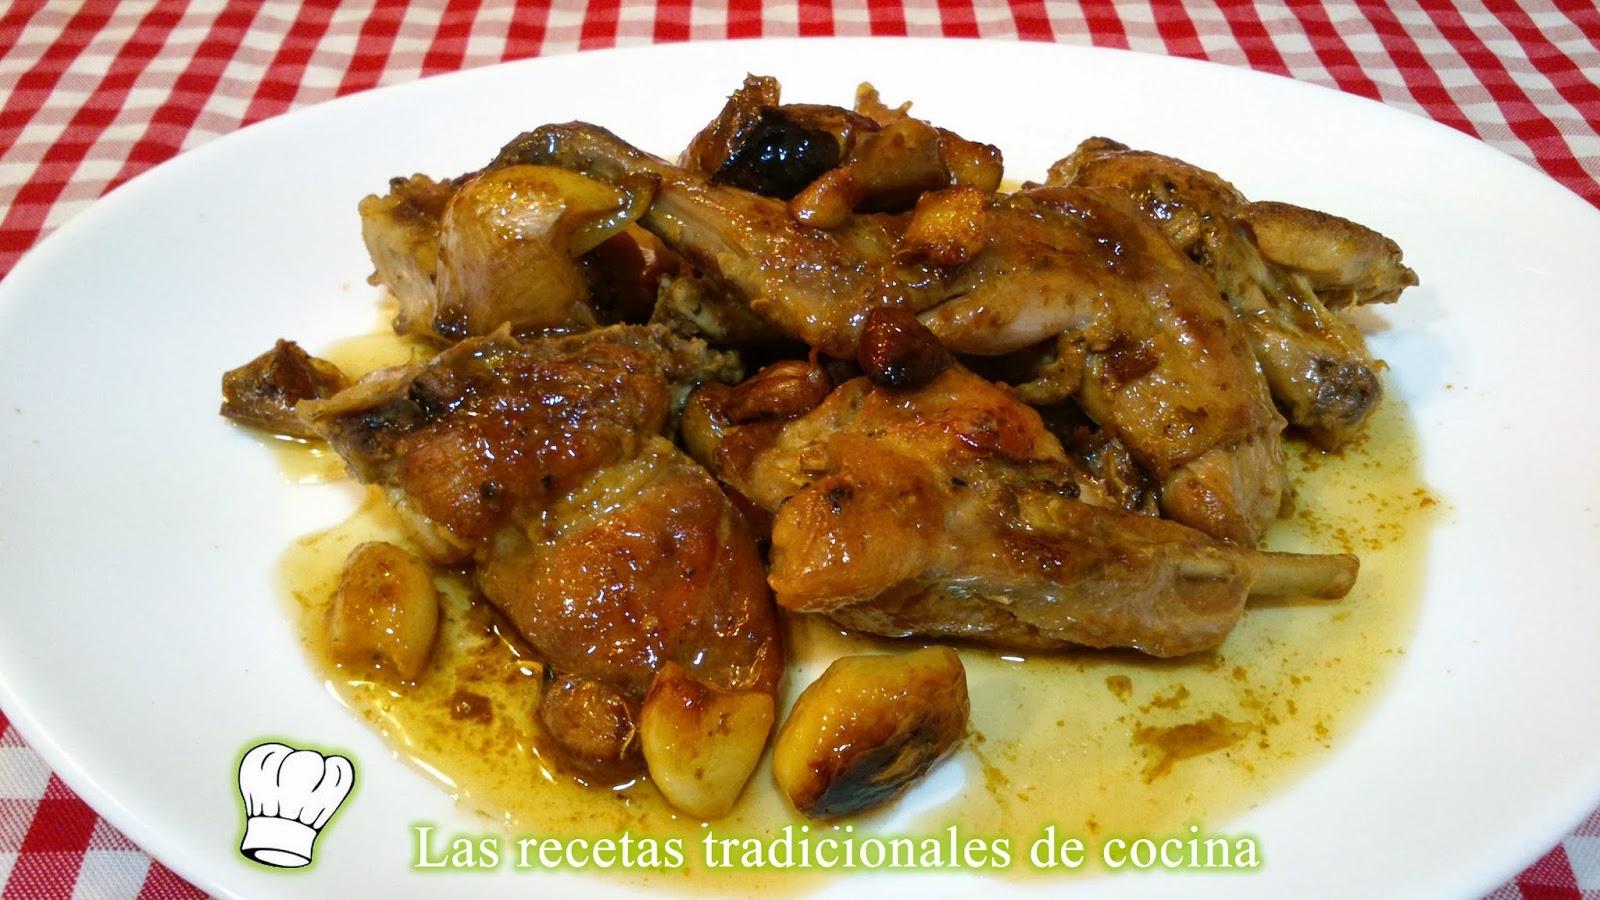 Conejo al ajillo receta f cil y r pida recetas de cocina - Cocina rapida y facil ...